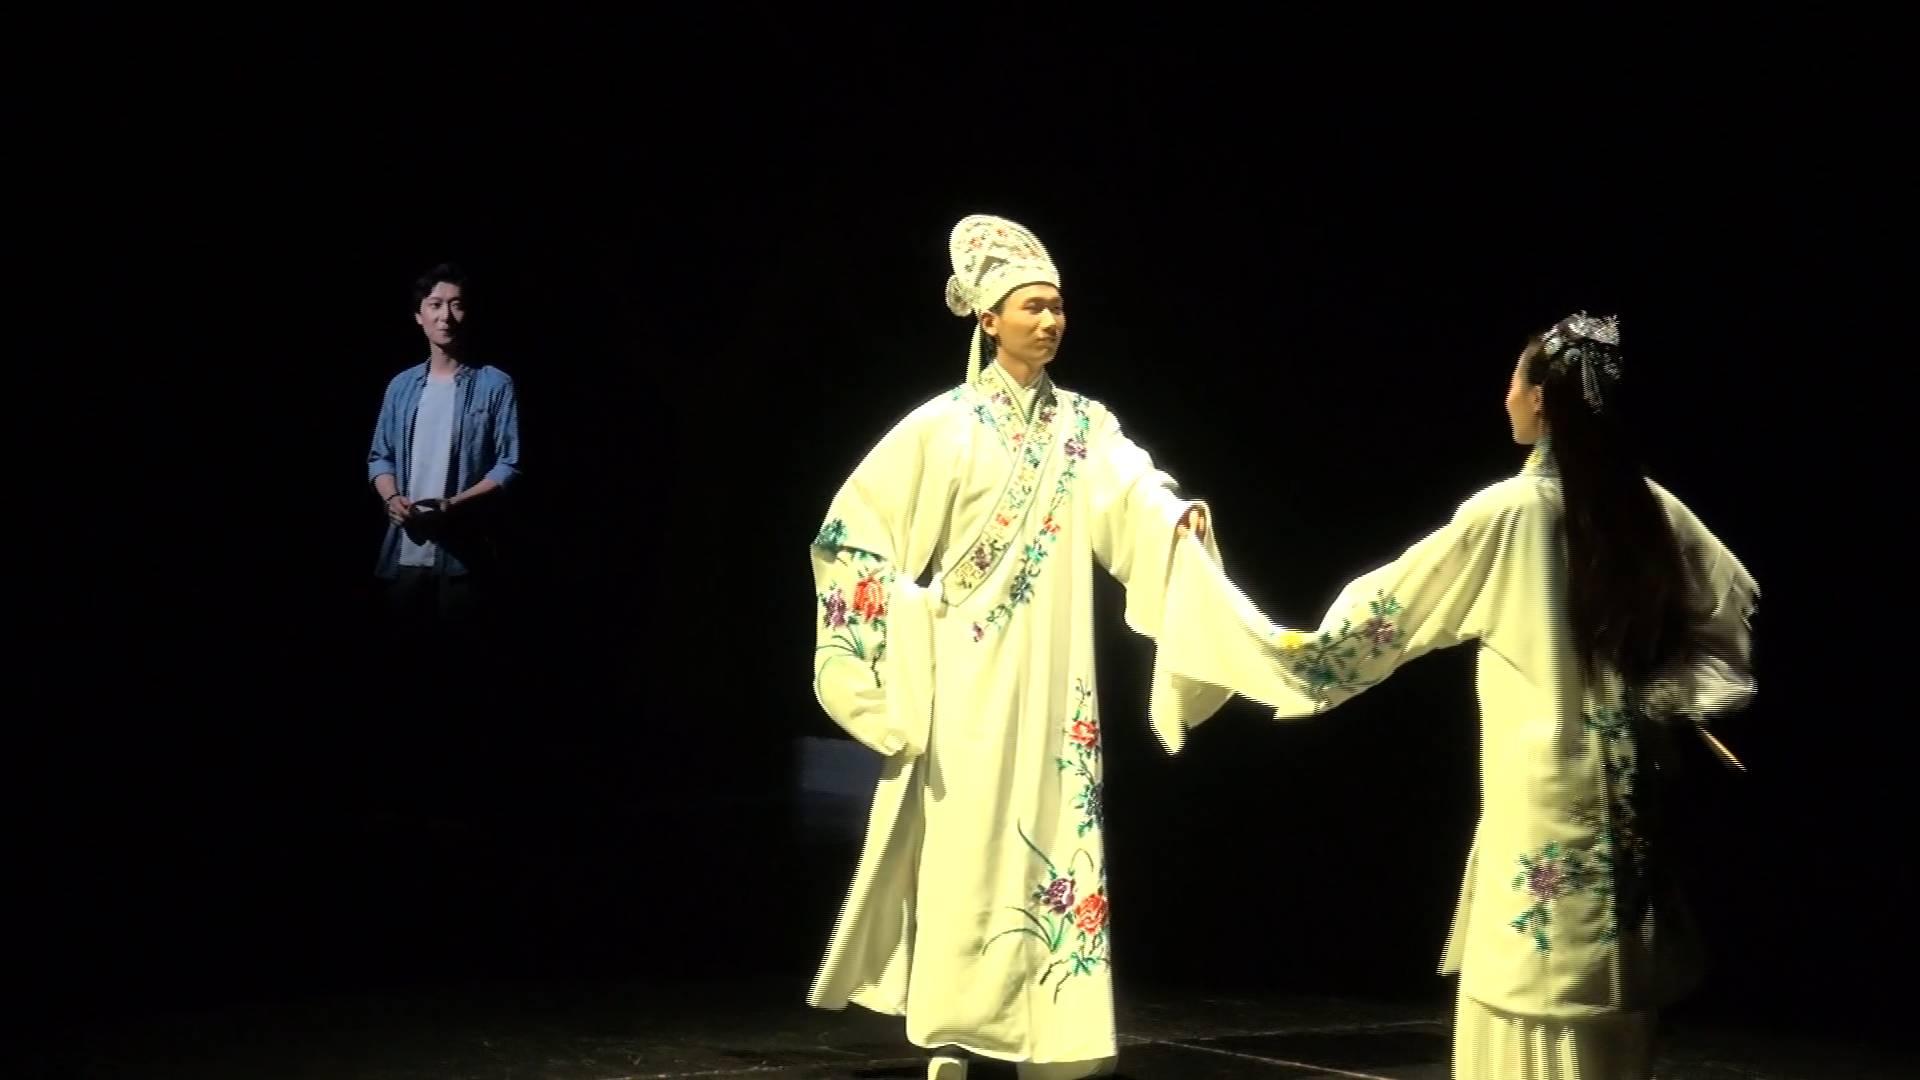 第十一届山东文化艺术节·新创作优秀剧目公布,共25部作品入选